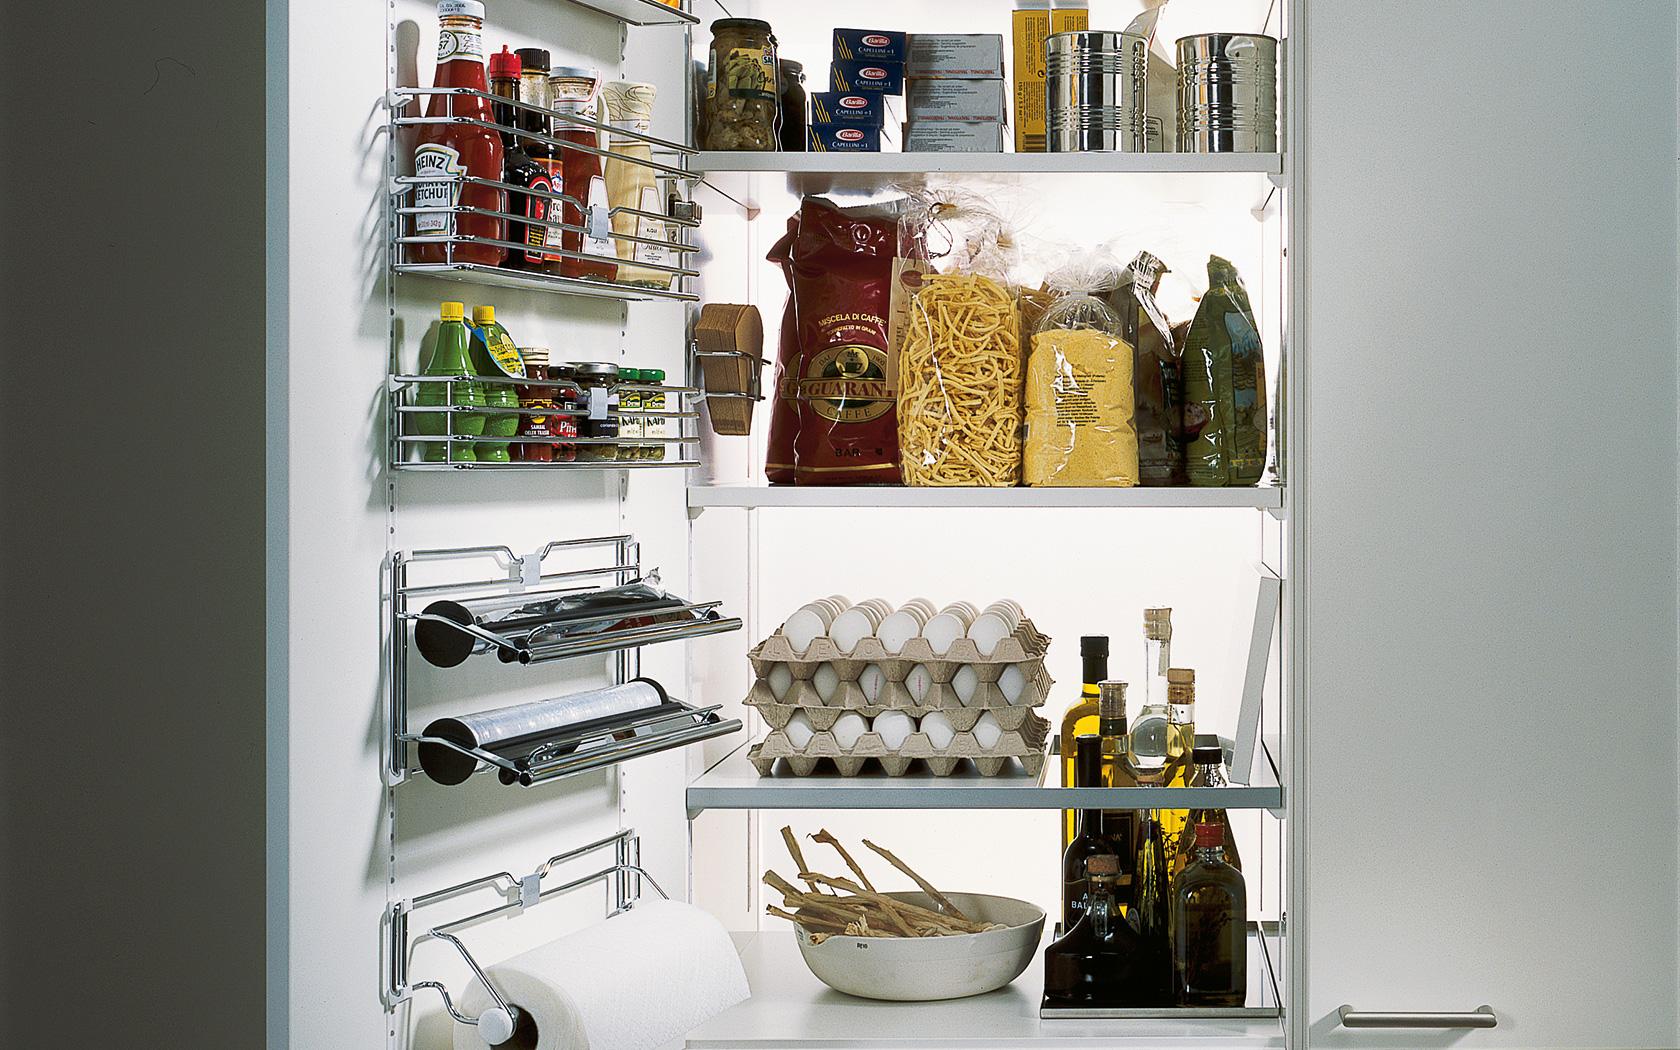 carrousel keuken kast : Slimme Opbergsystemen Voor De Keuken Nieuws Startpagina Voor